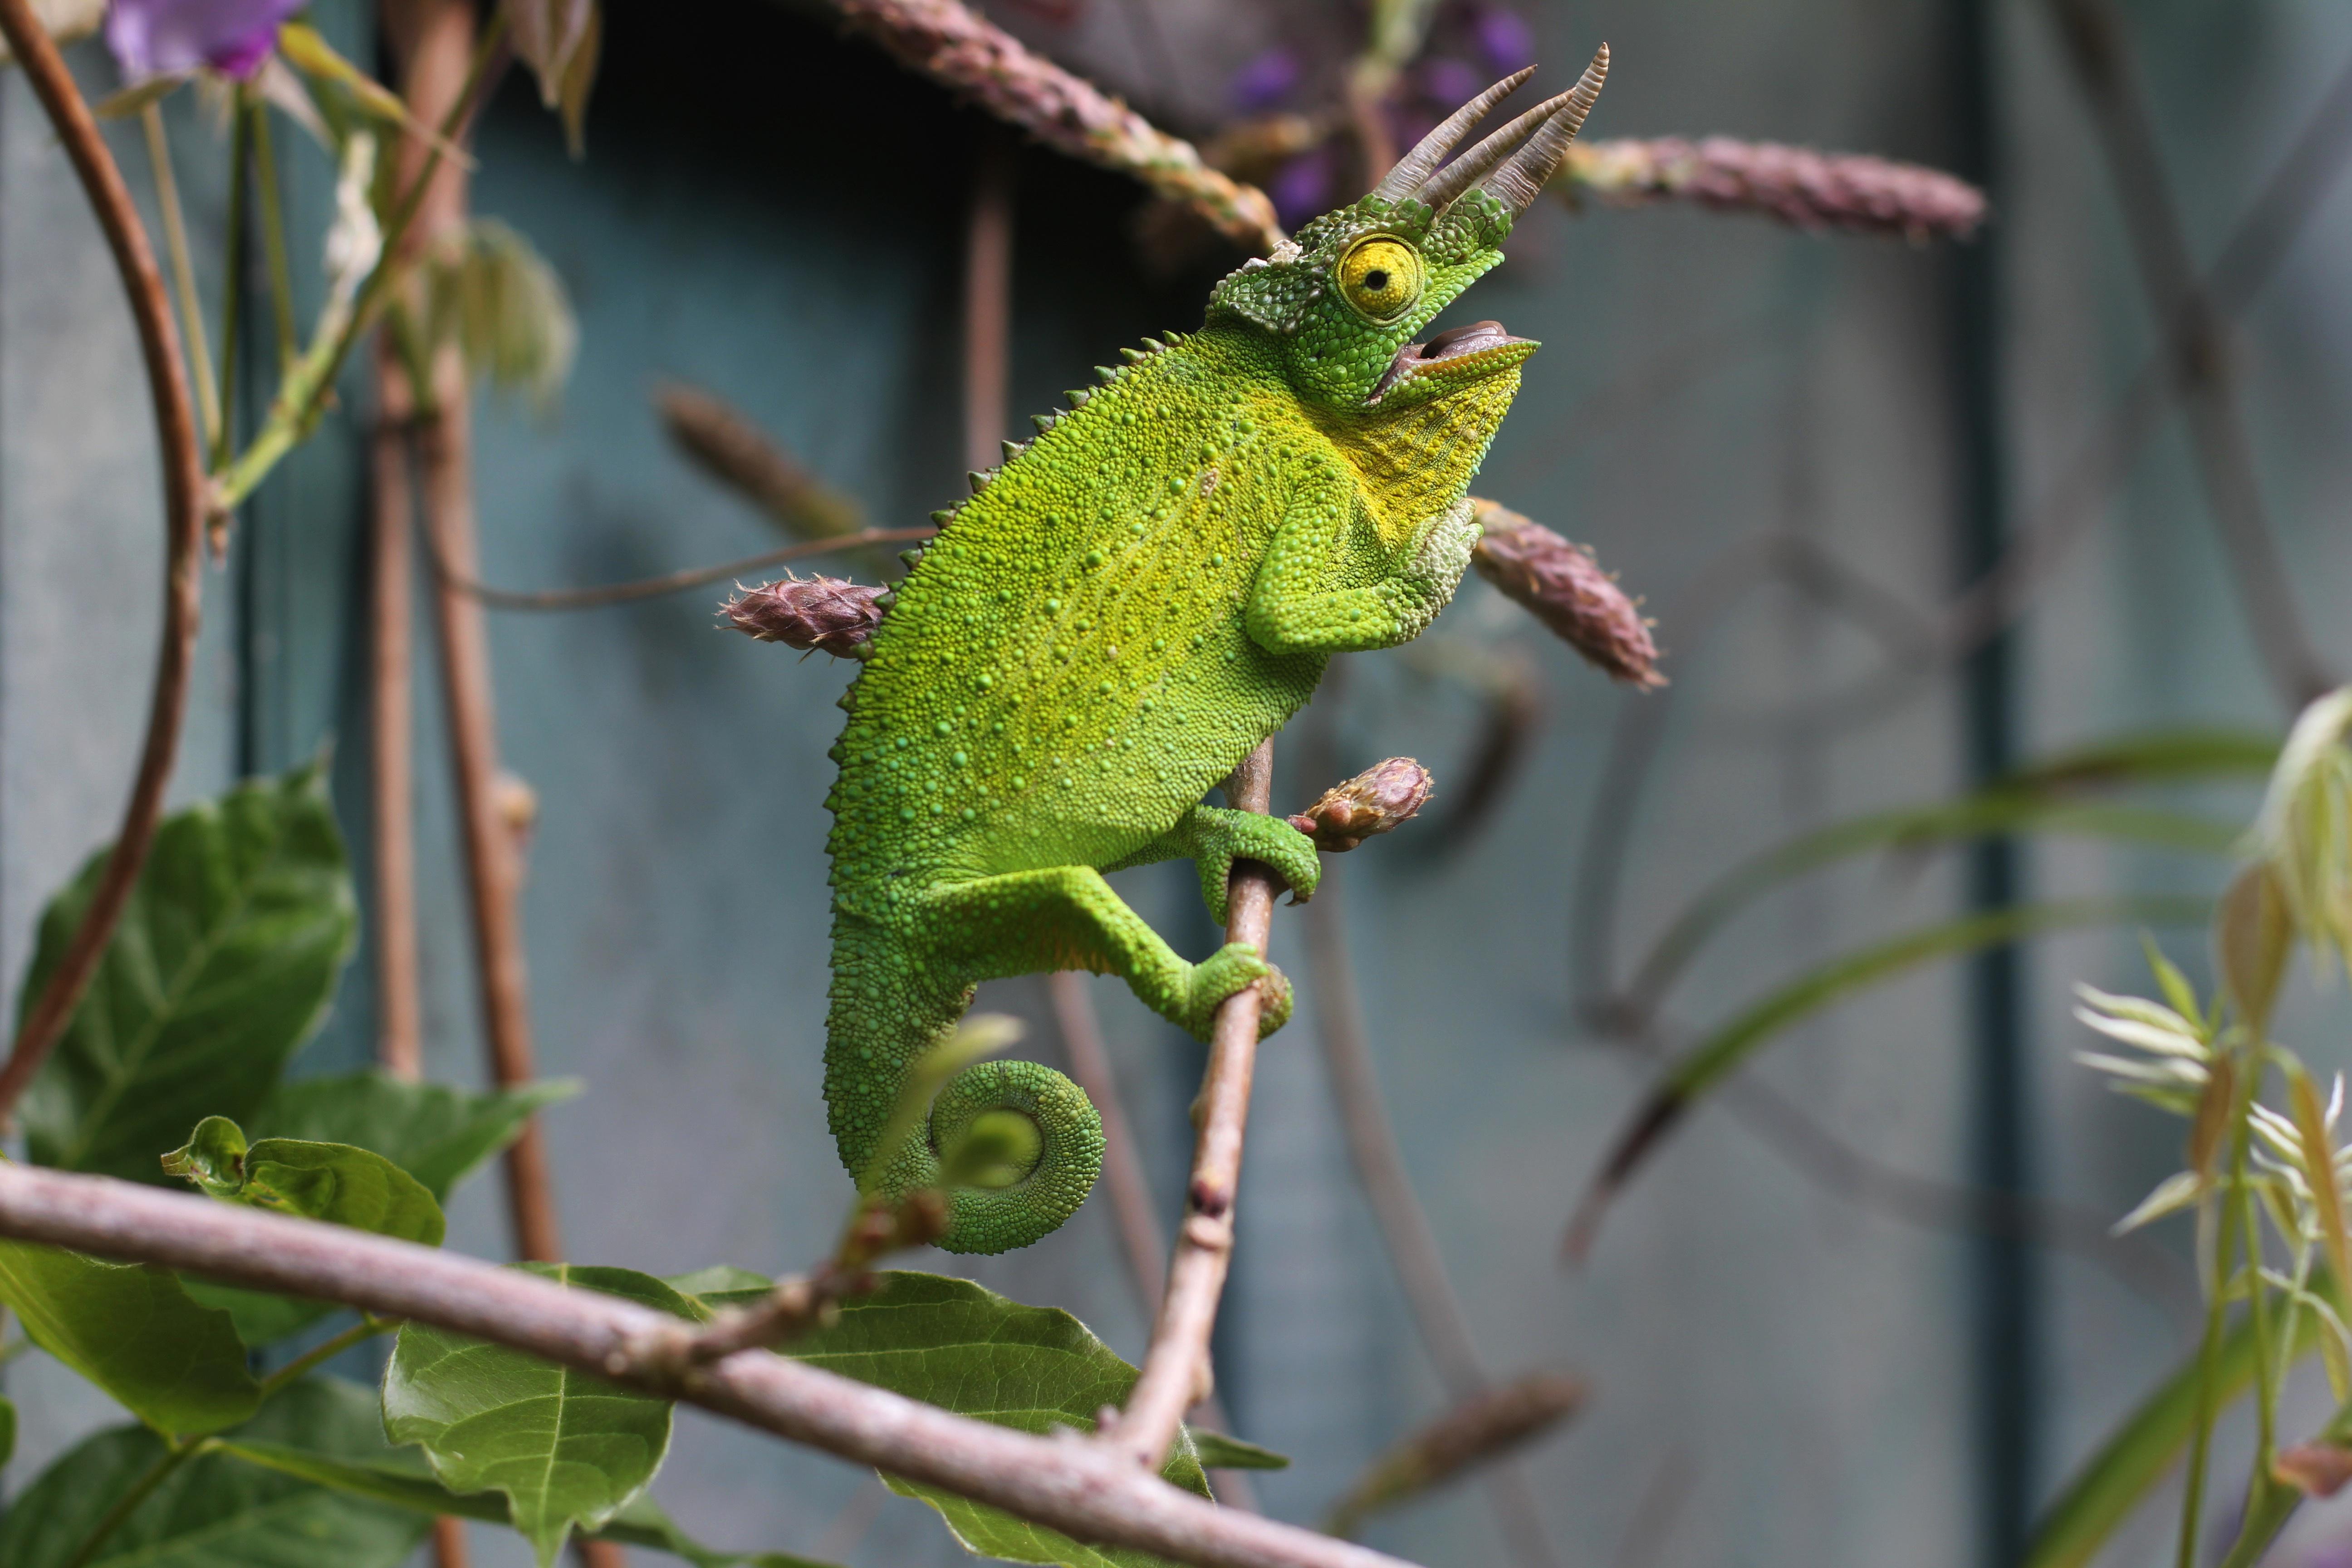 53835 Hintergrundbild herunterladen Tiere, Ast, Zweig, Eidechse, Reptil, Reptile, Chamäleon - Bildschirmschoner und Bilder kostenlos